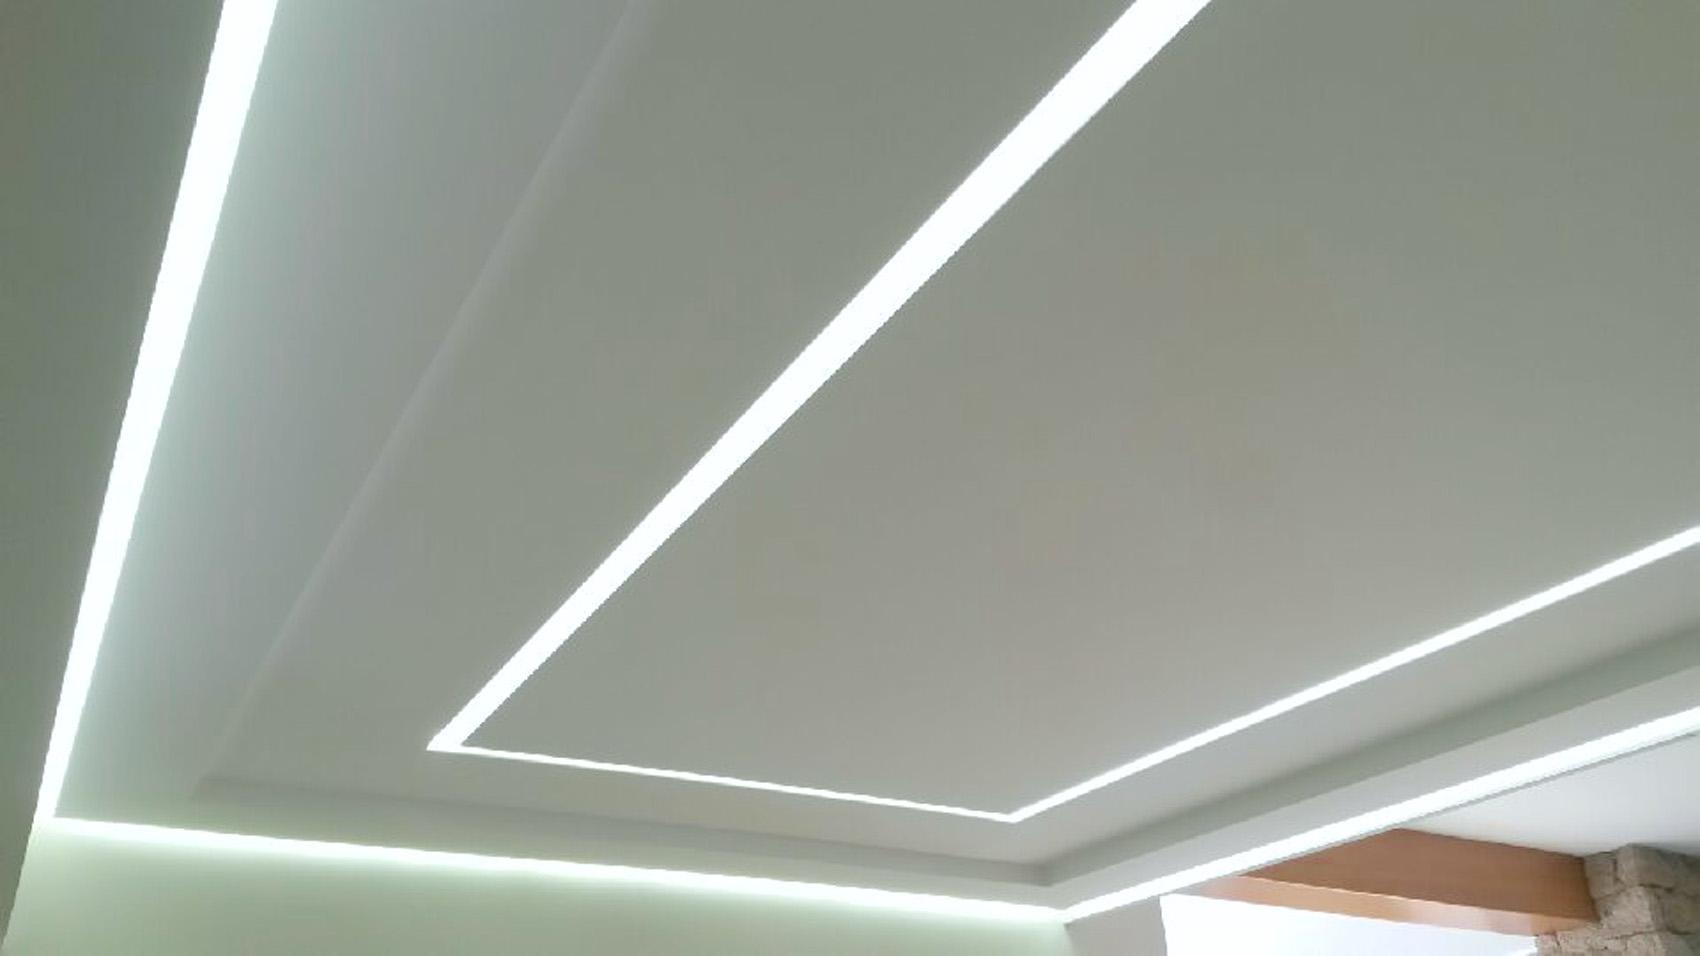 Séparation de plafond à Mouilleron-en-Pareds